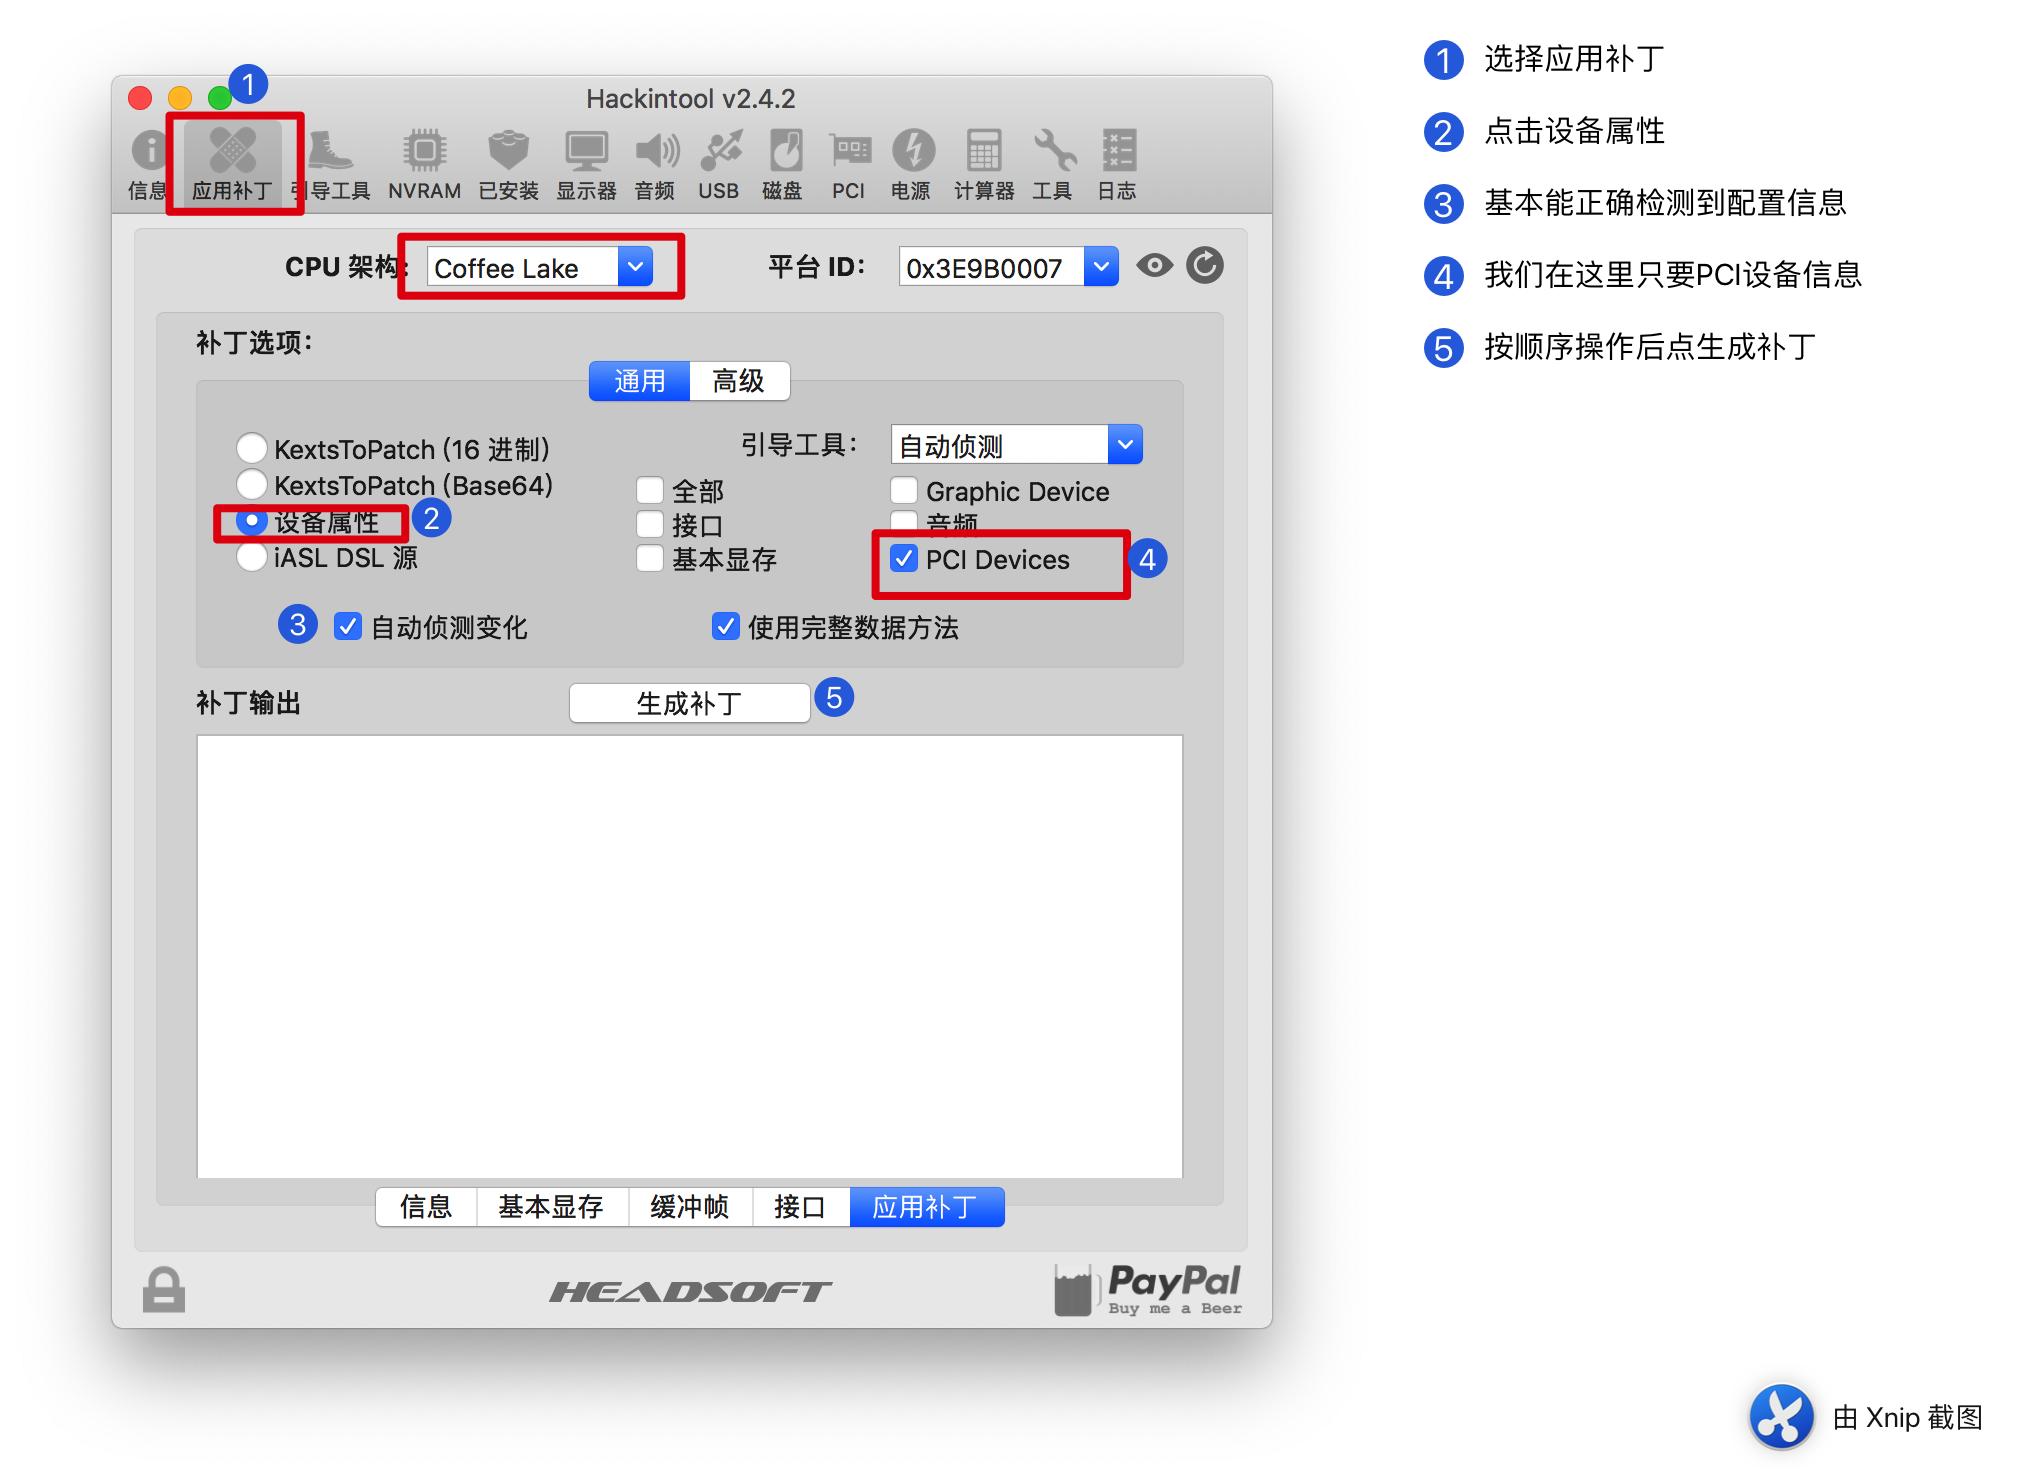 《黑苹果生成/显示 PCI信息》